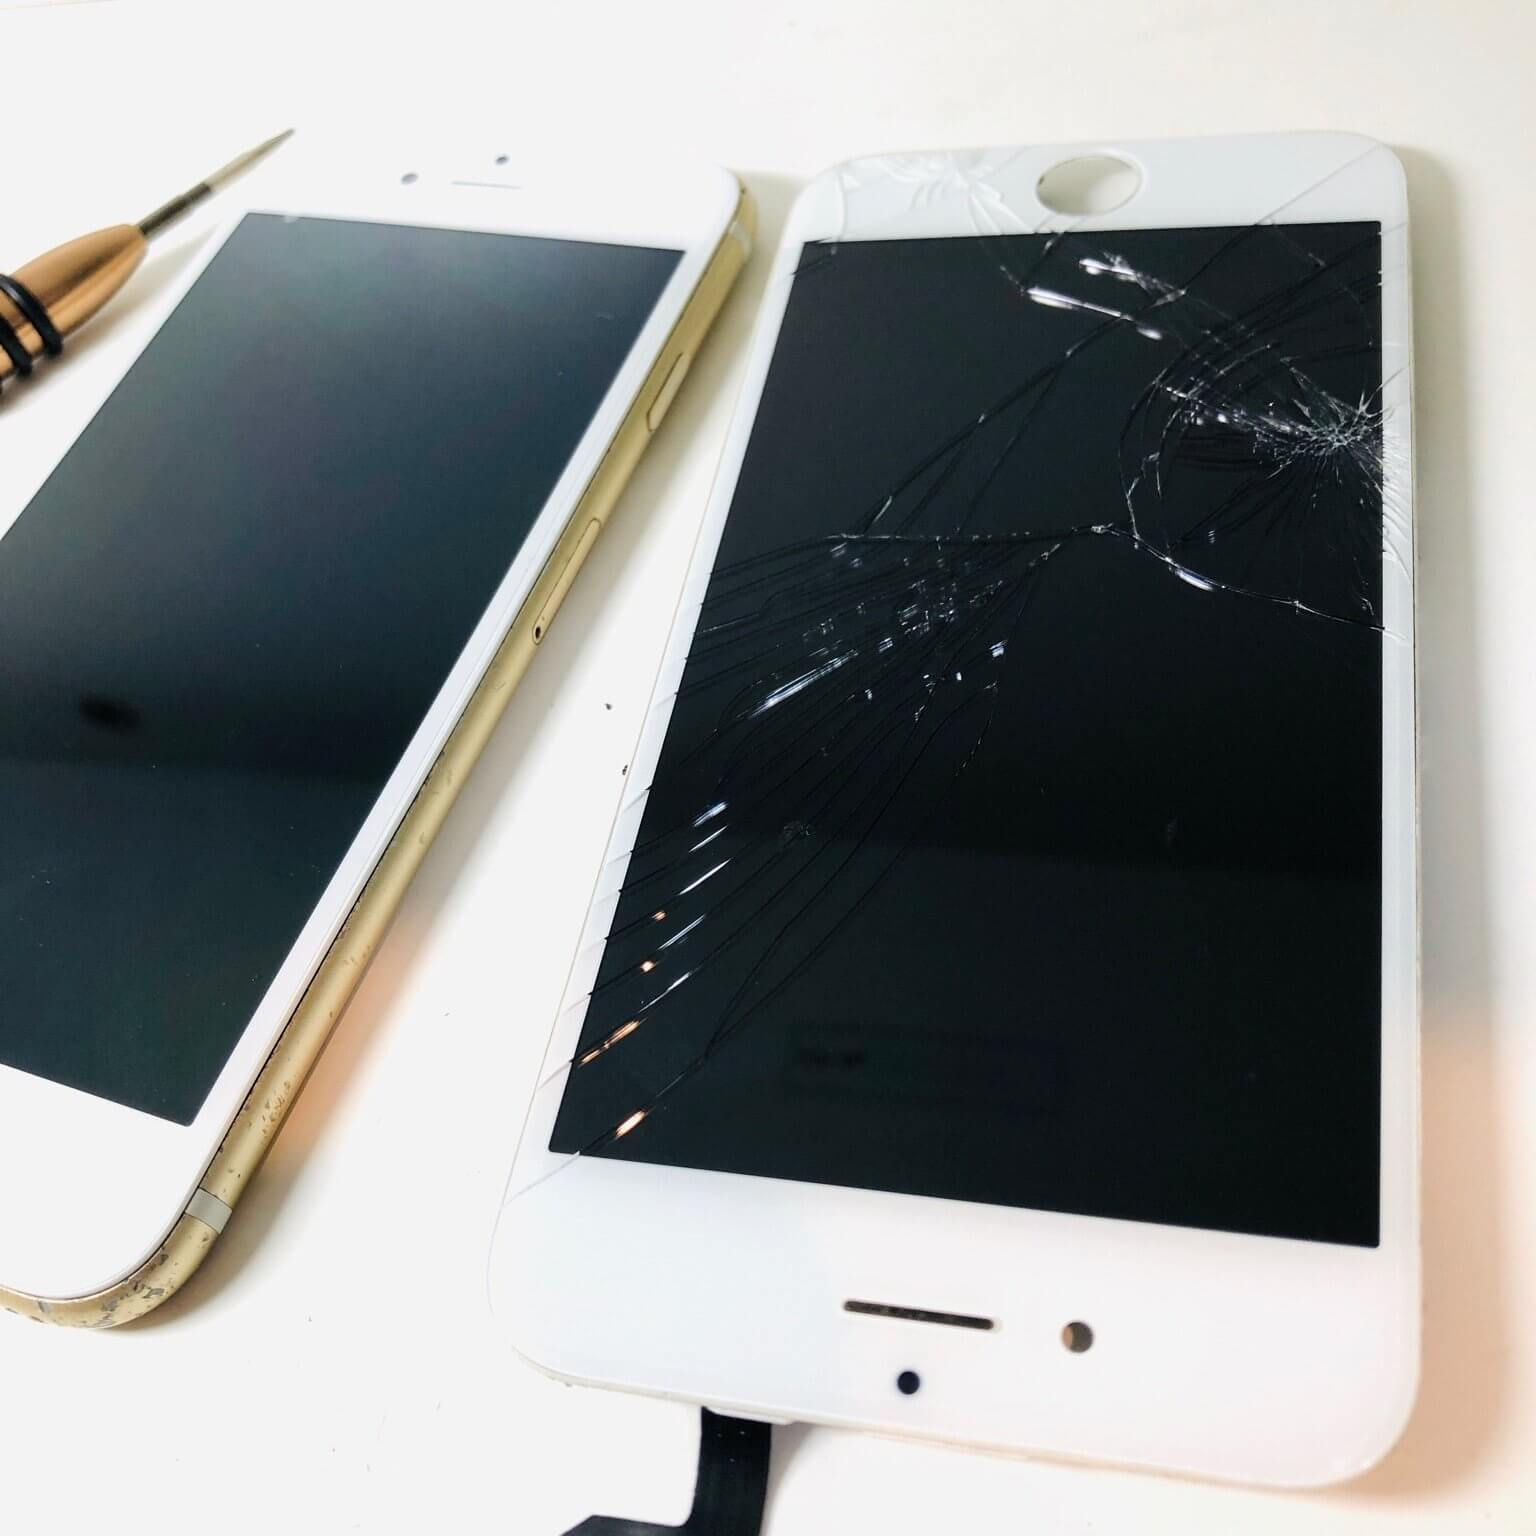 上越店 iPhone6S フロントパネル交換